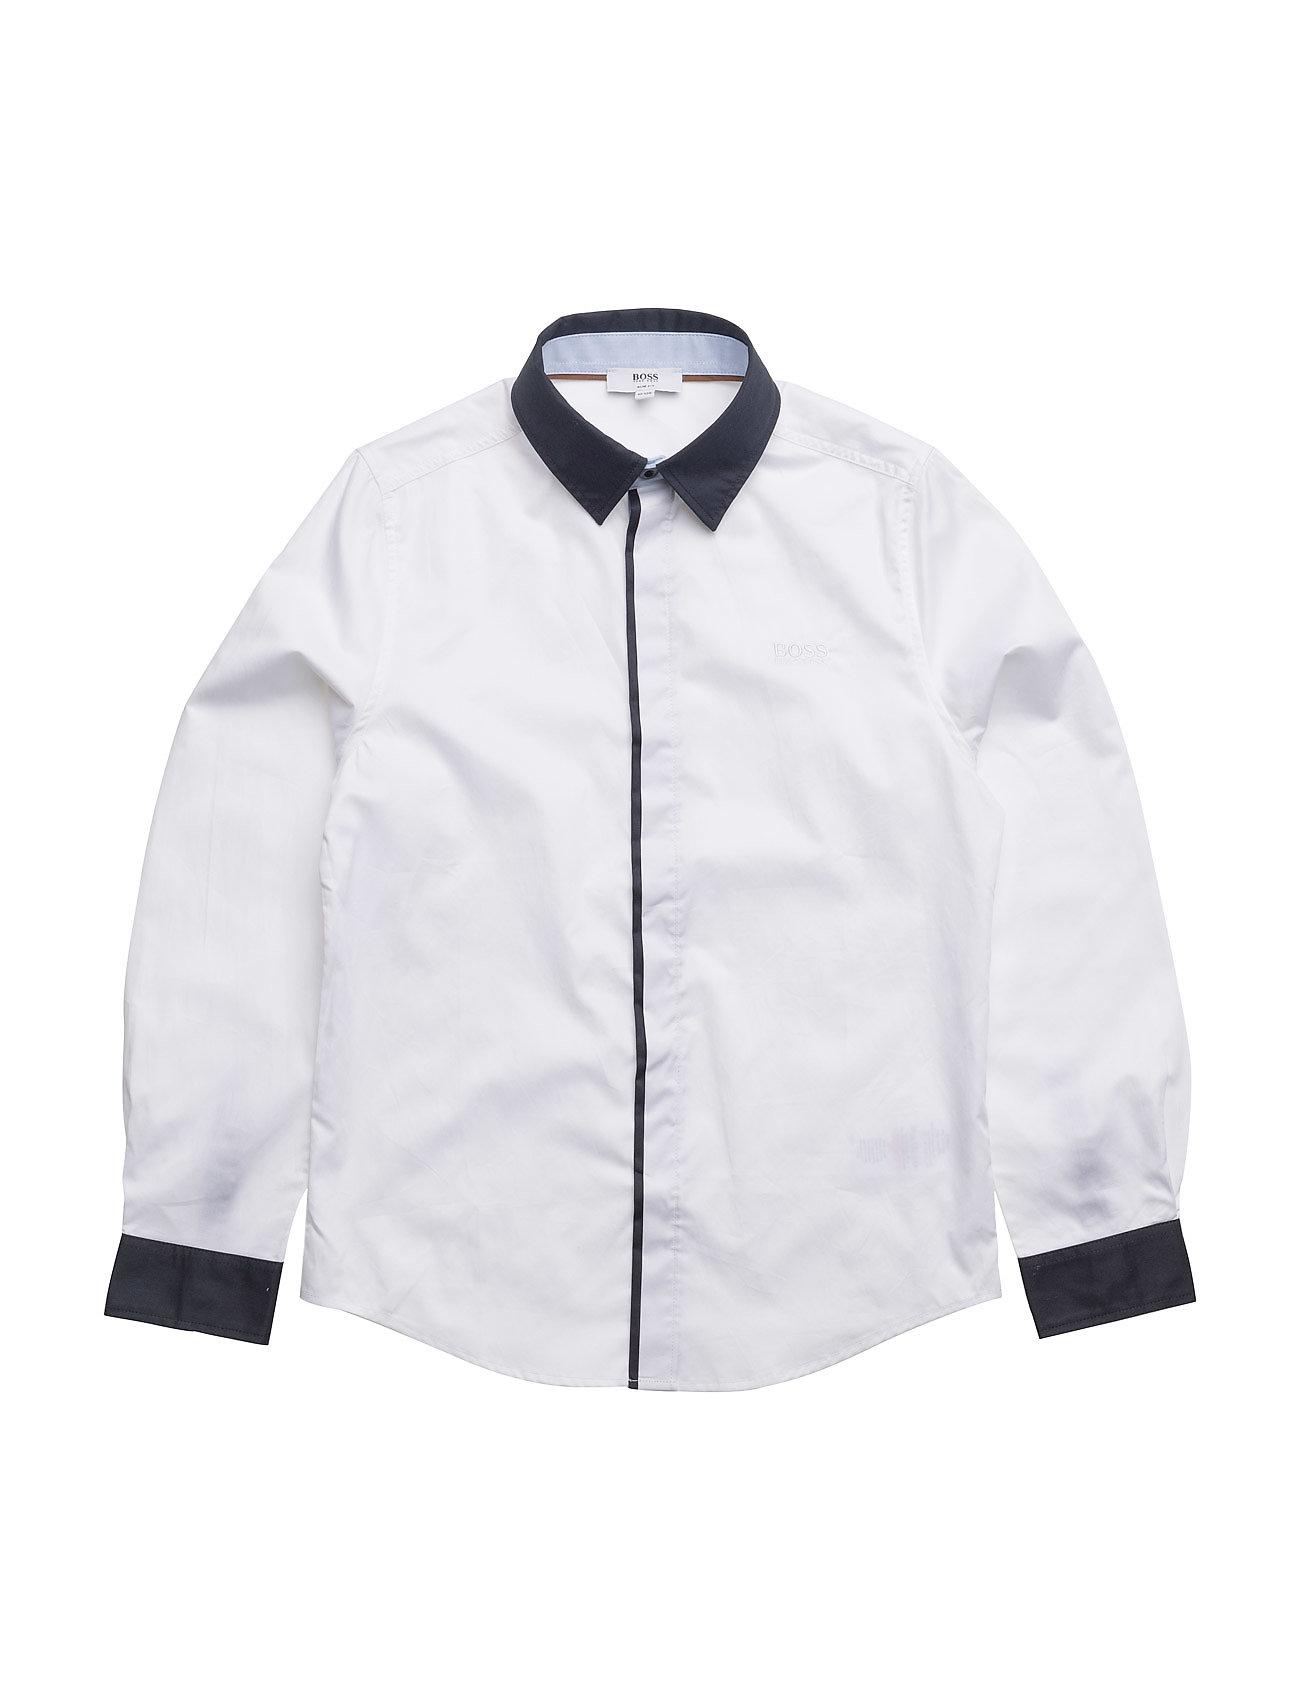 Long Sleeved Shirt BOSS  til Børn i hvid